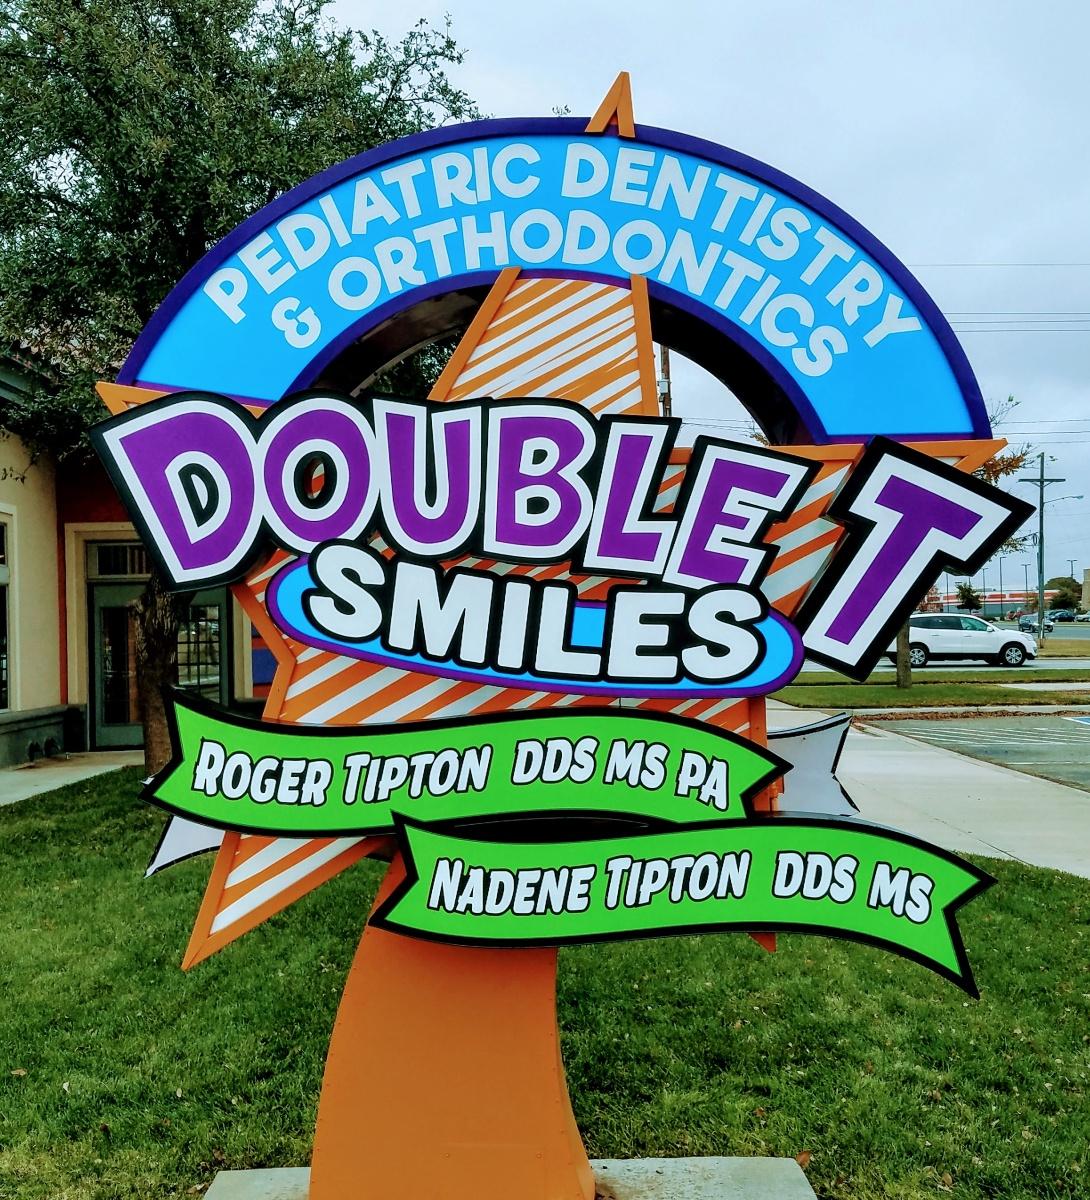 Double T Smiles